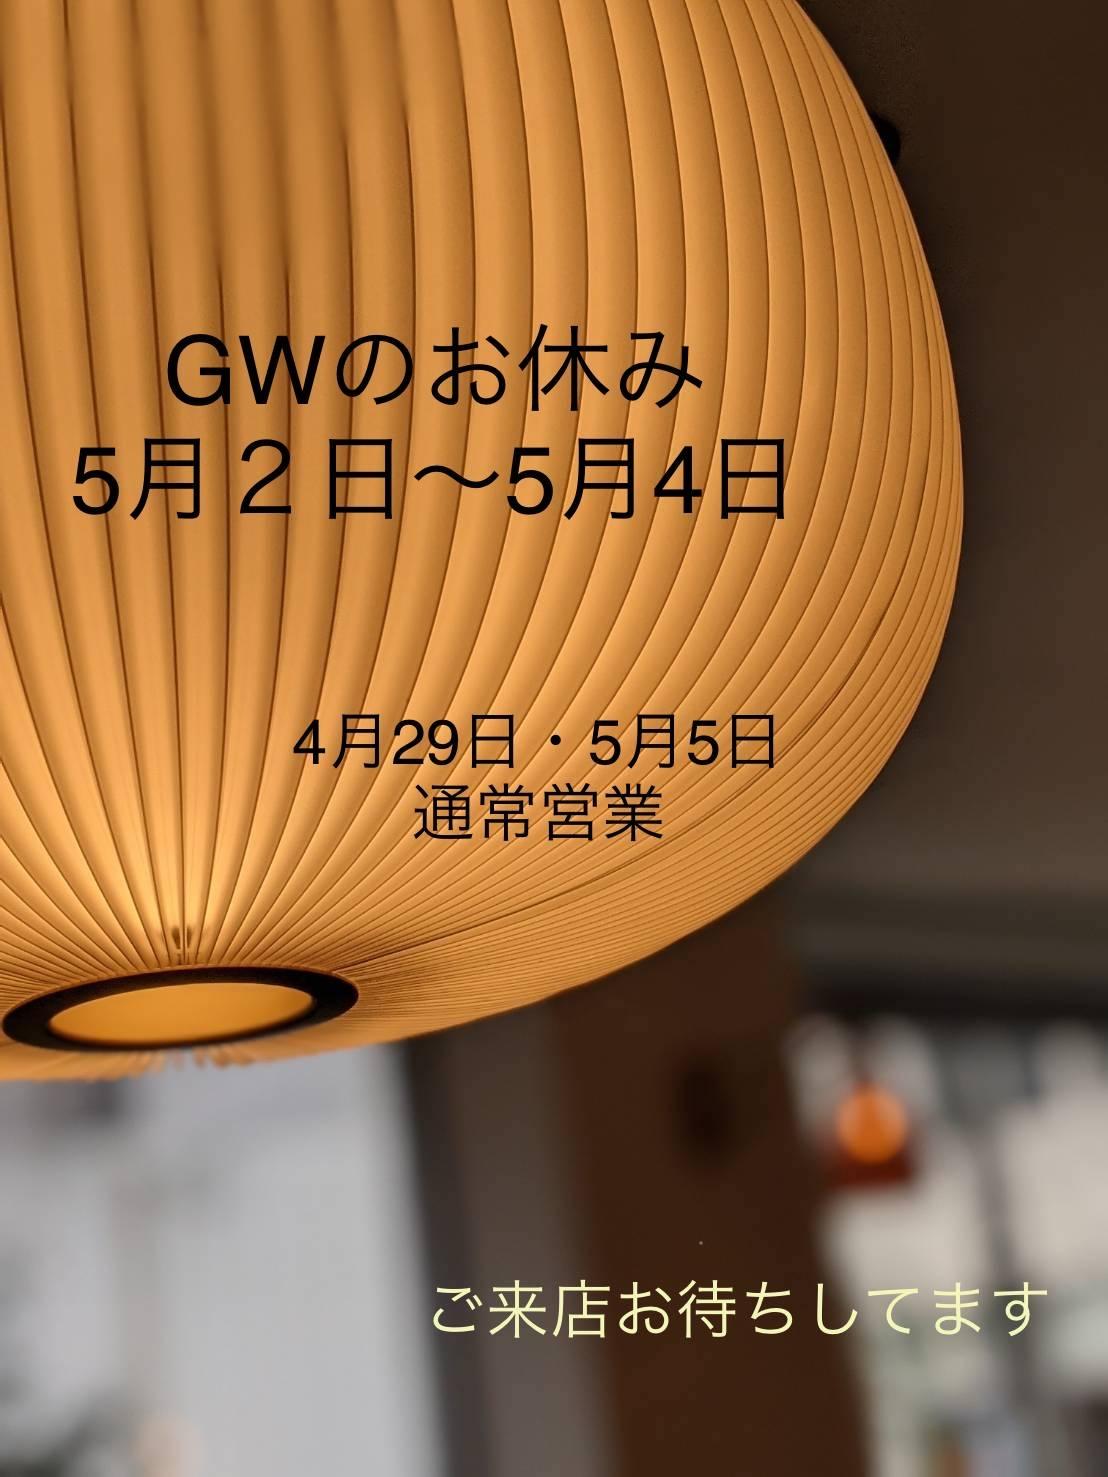 GW_e0187233_09234905.jpg